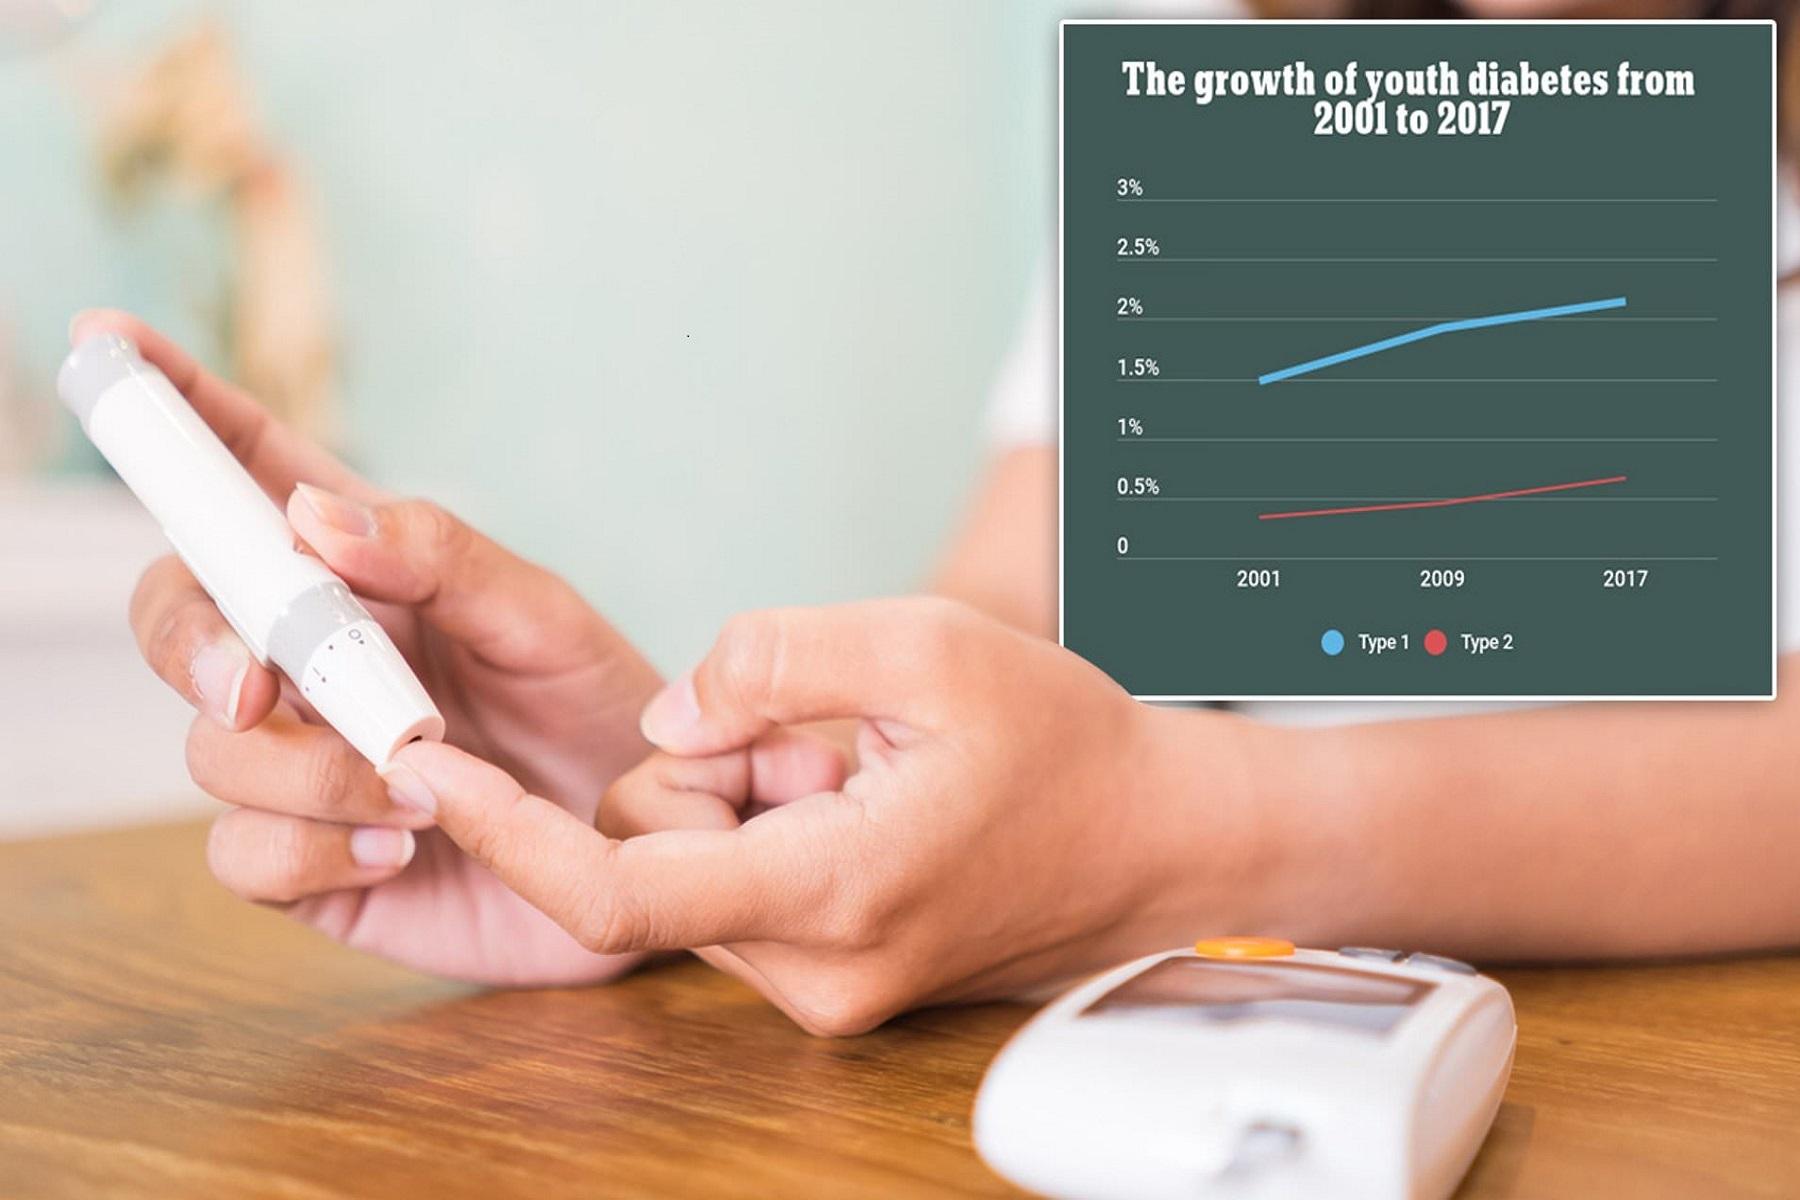 Παιδιά Έφηβοι ΗΠΑ: Ο διαβήτης έχει αυξηθεί μεταξύ των νέων, σύμφωνα με έρευνες δεκαετιών.